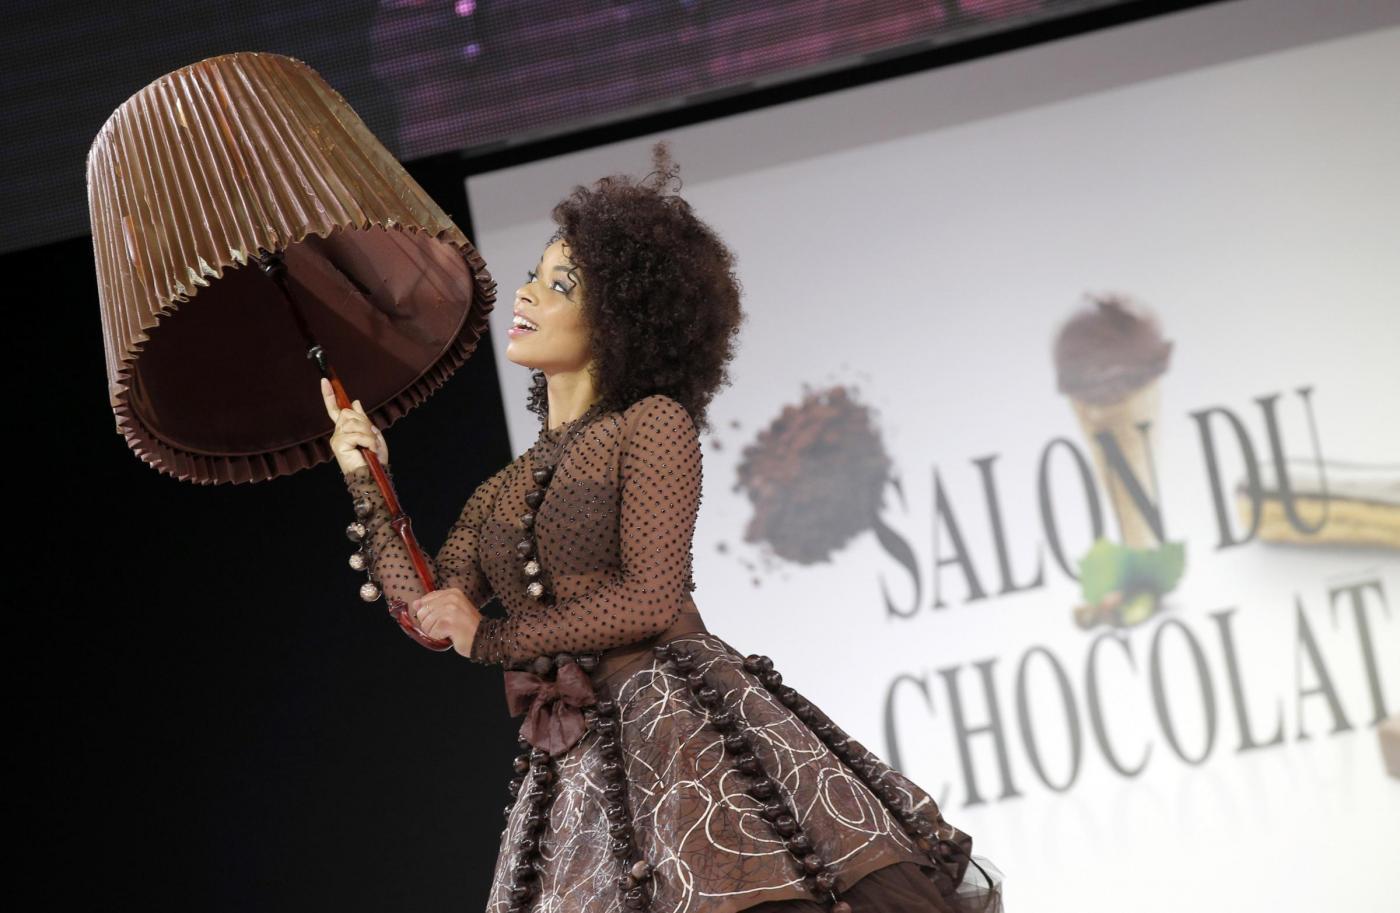 Parigi, gli abiti di cioccolato: dopo la sfilata vengono mangiati04